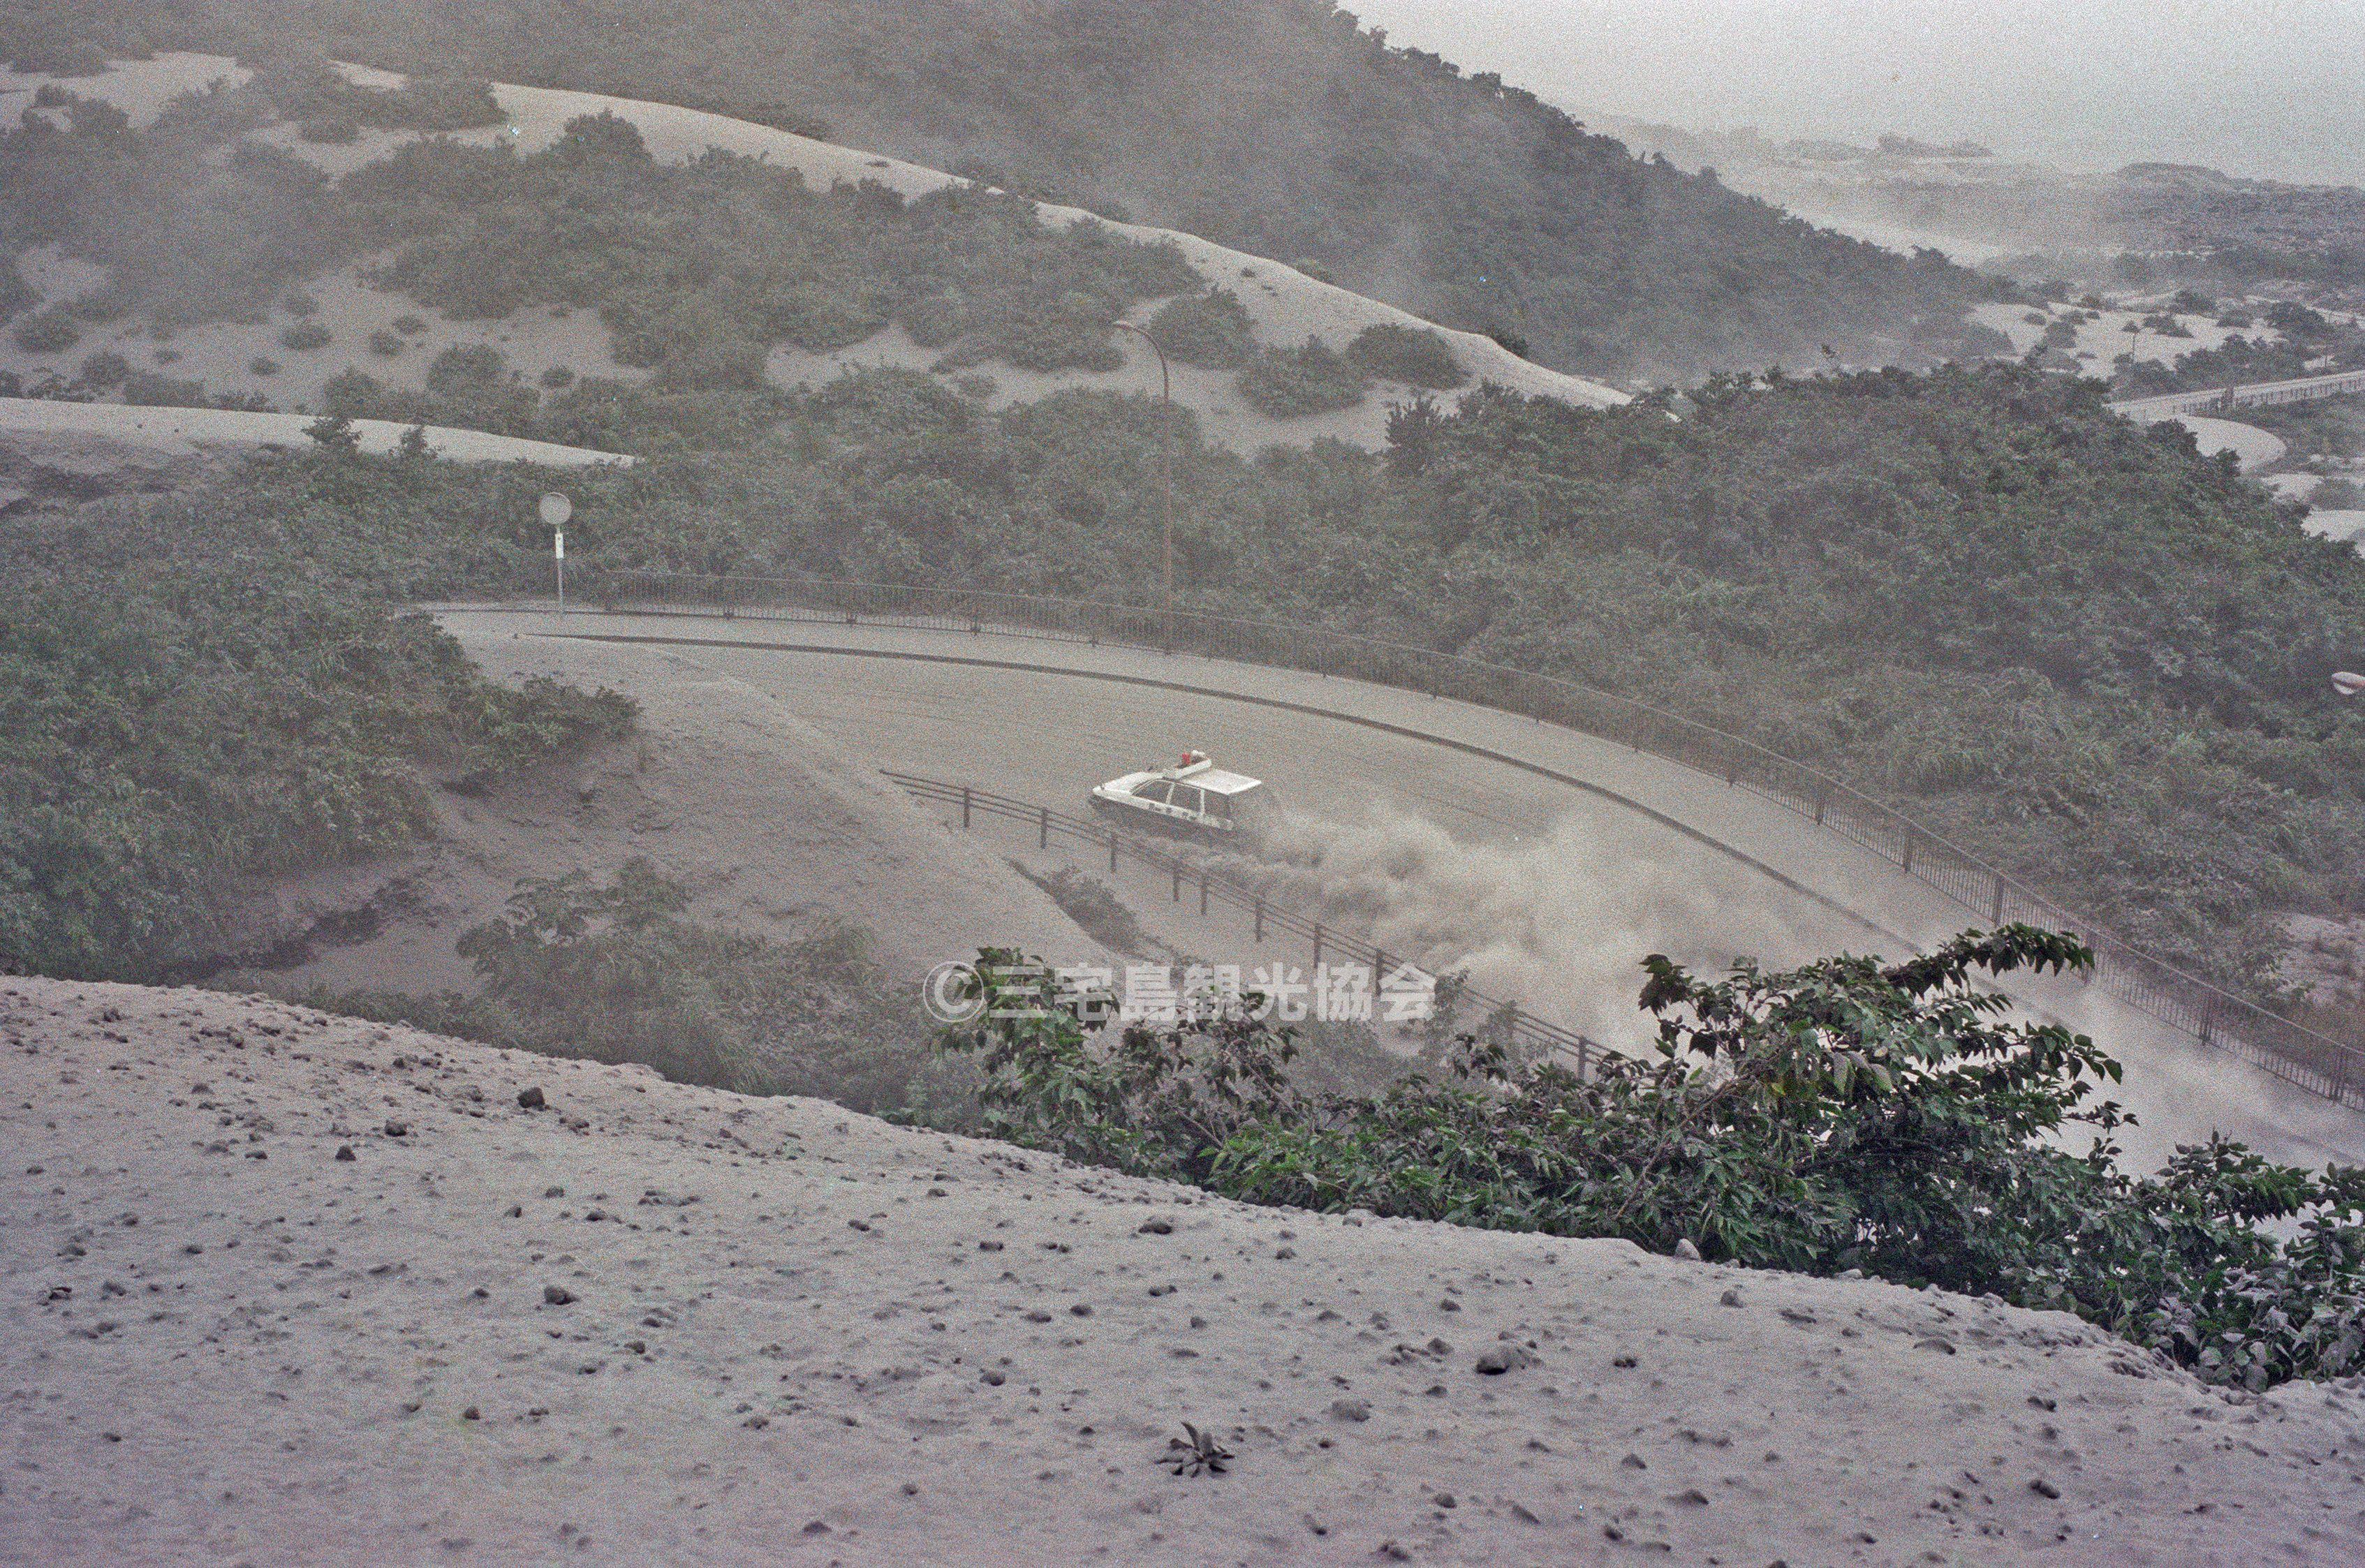 【2000(平成12)年噴火】 白煙をあげて走るパトカー